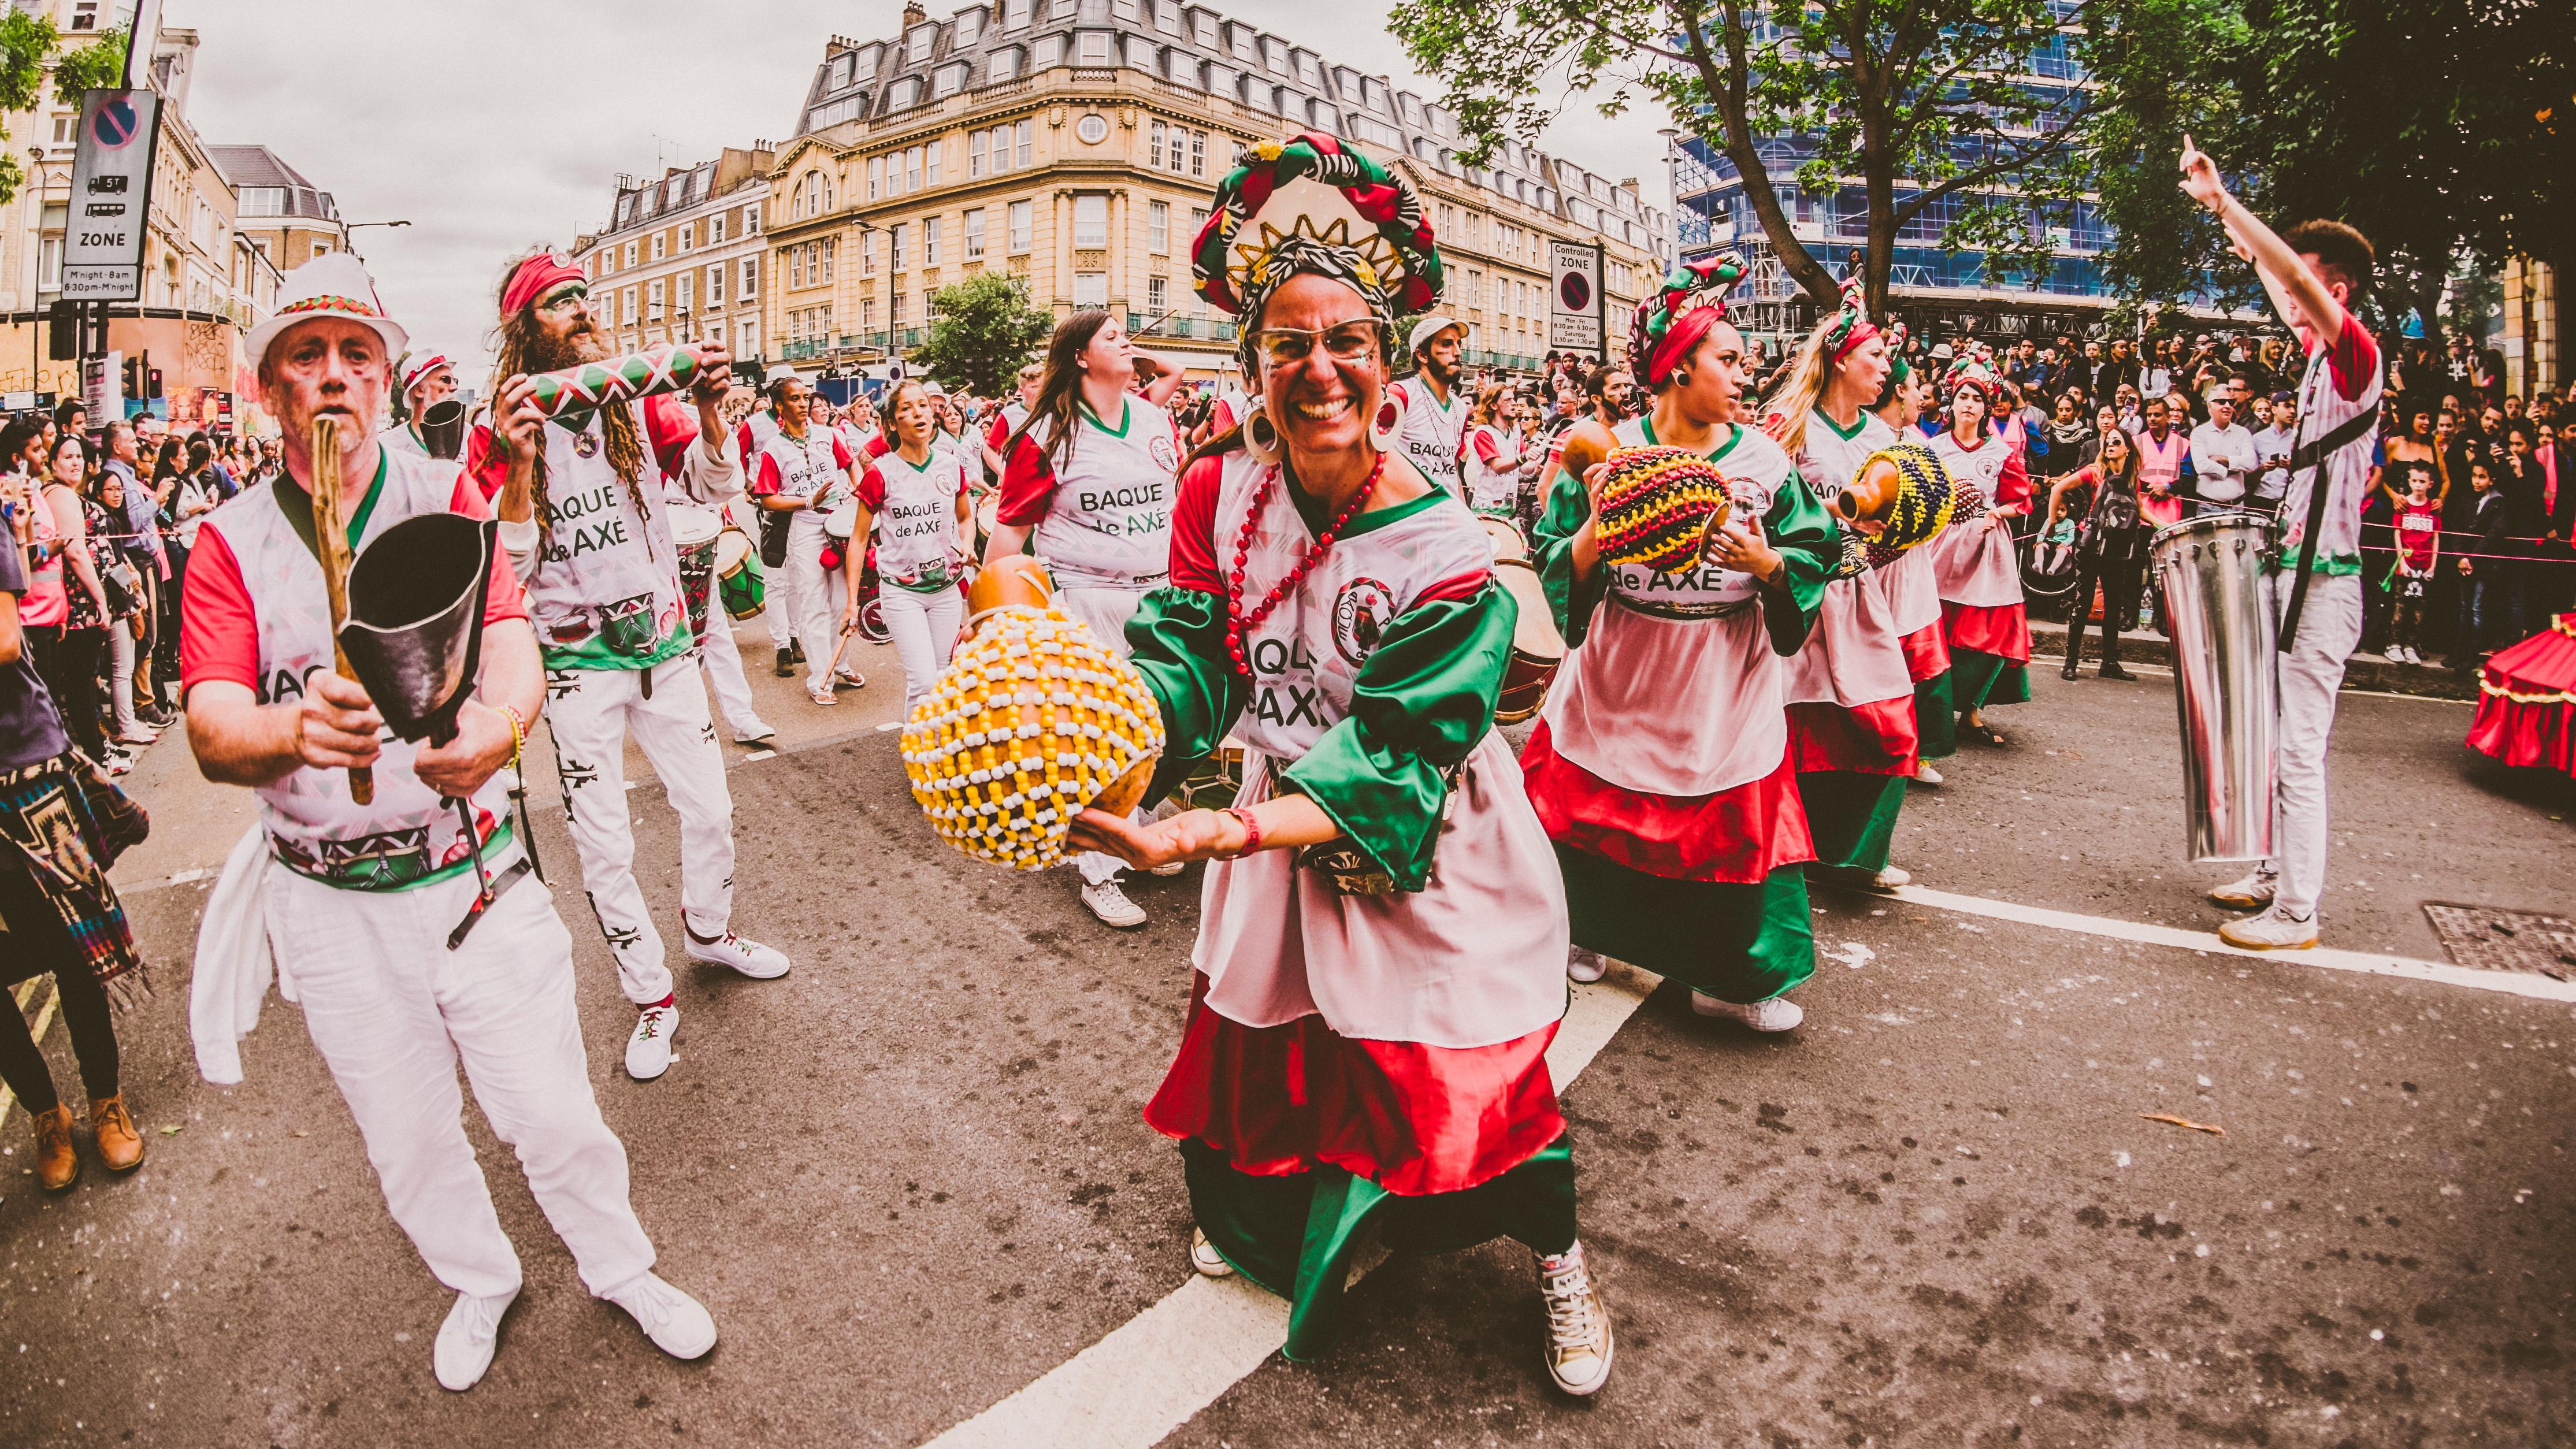 Baque de Axe — Notting Hill Carnival